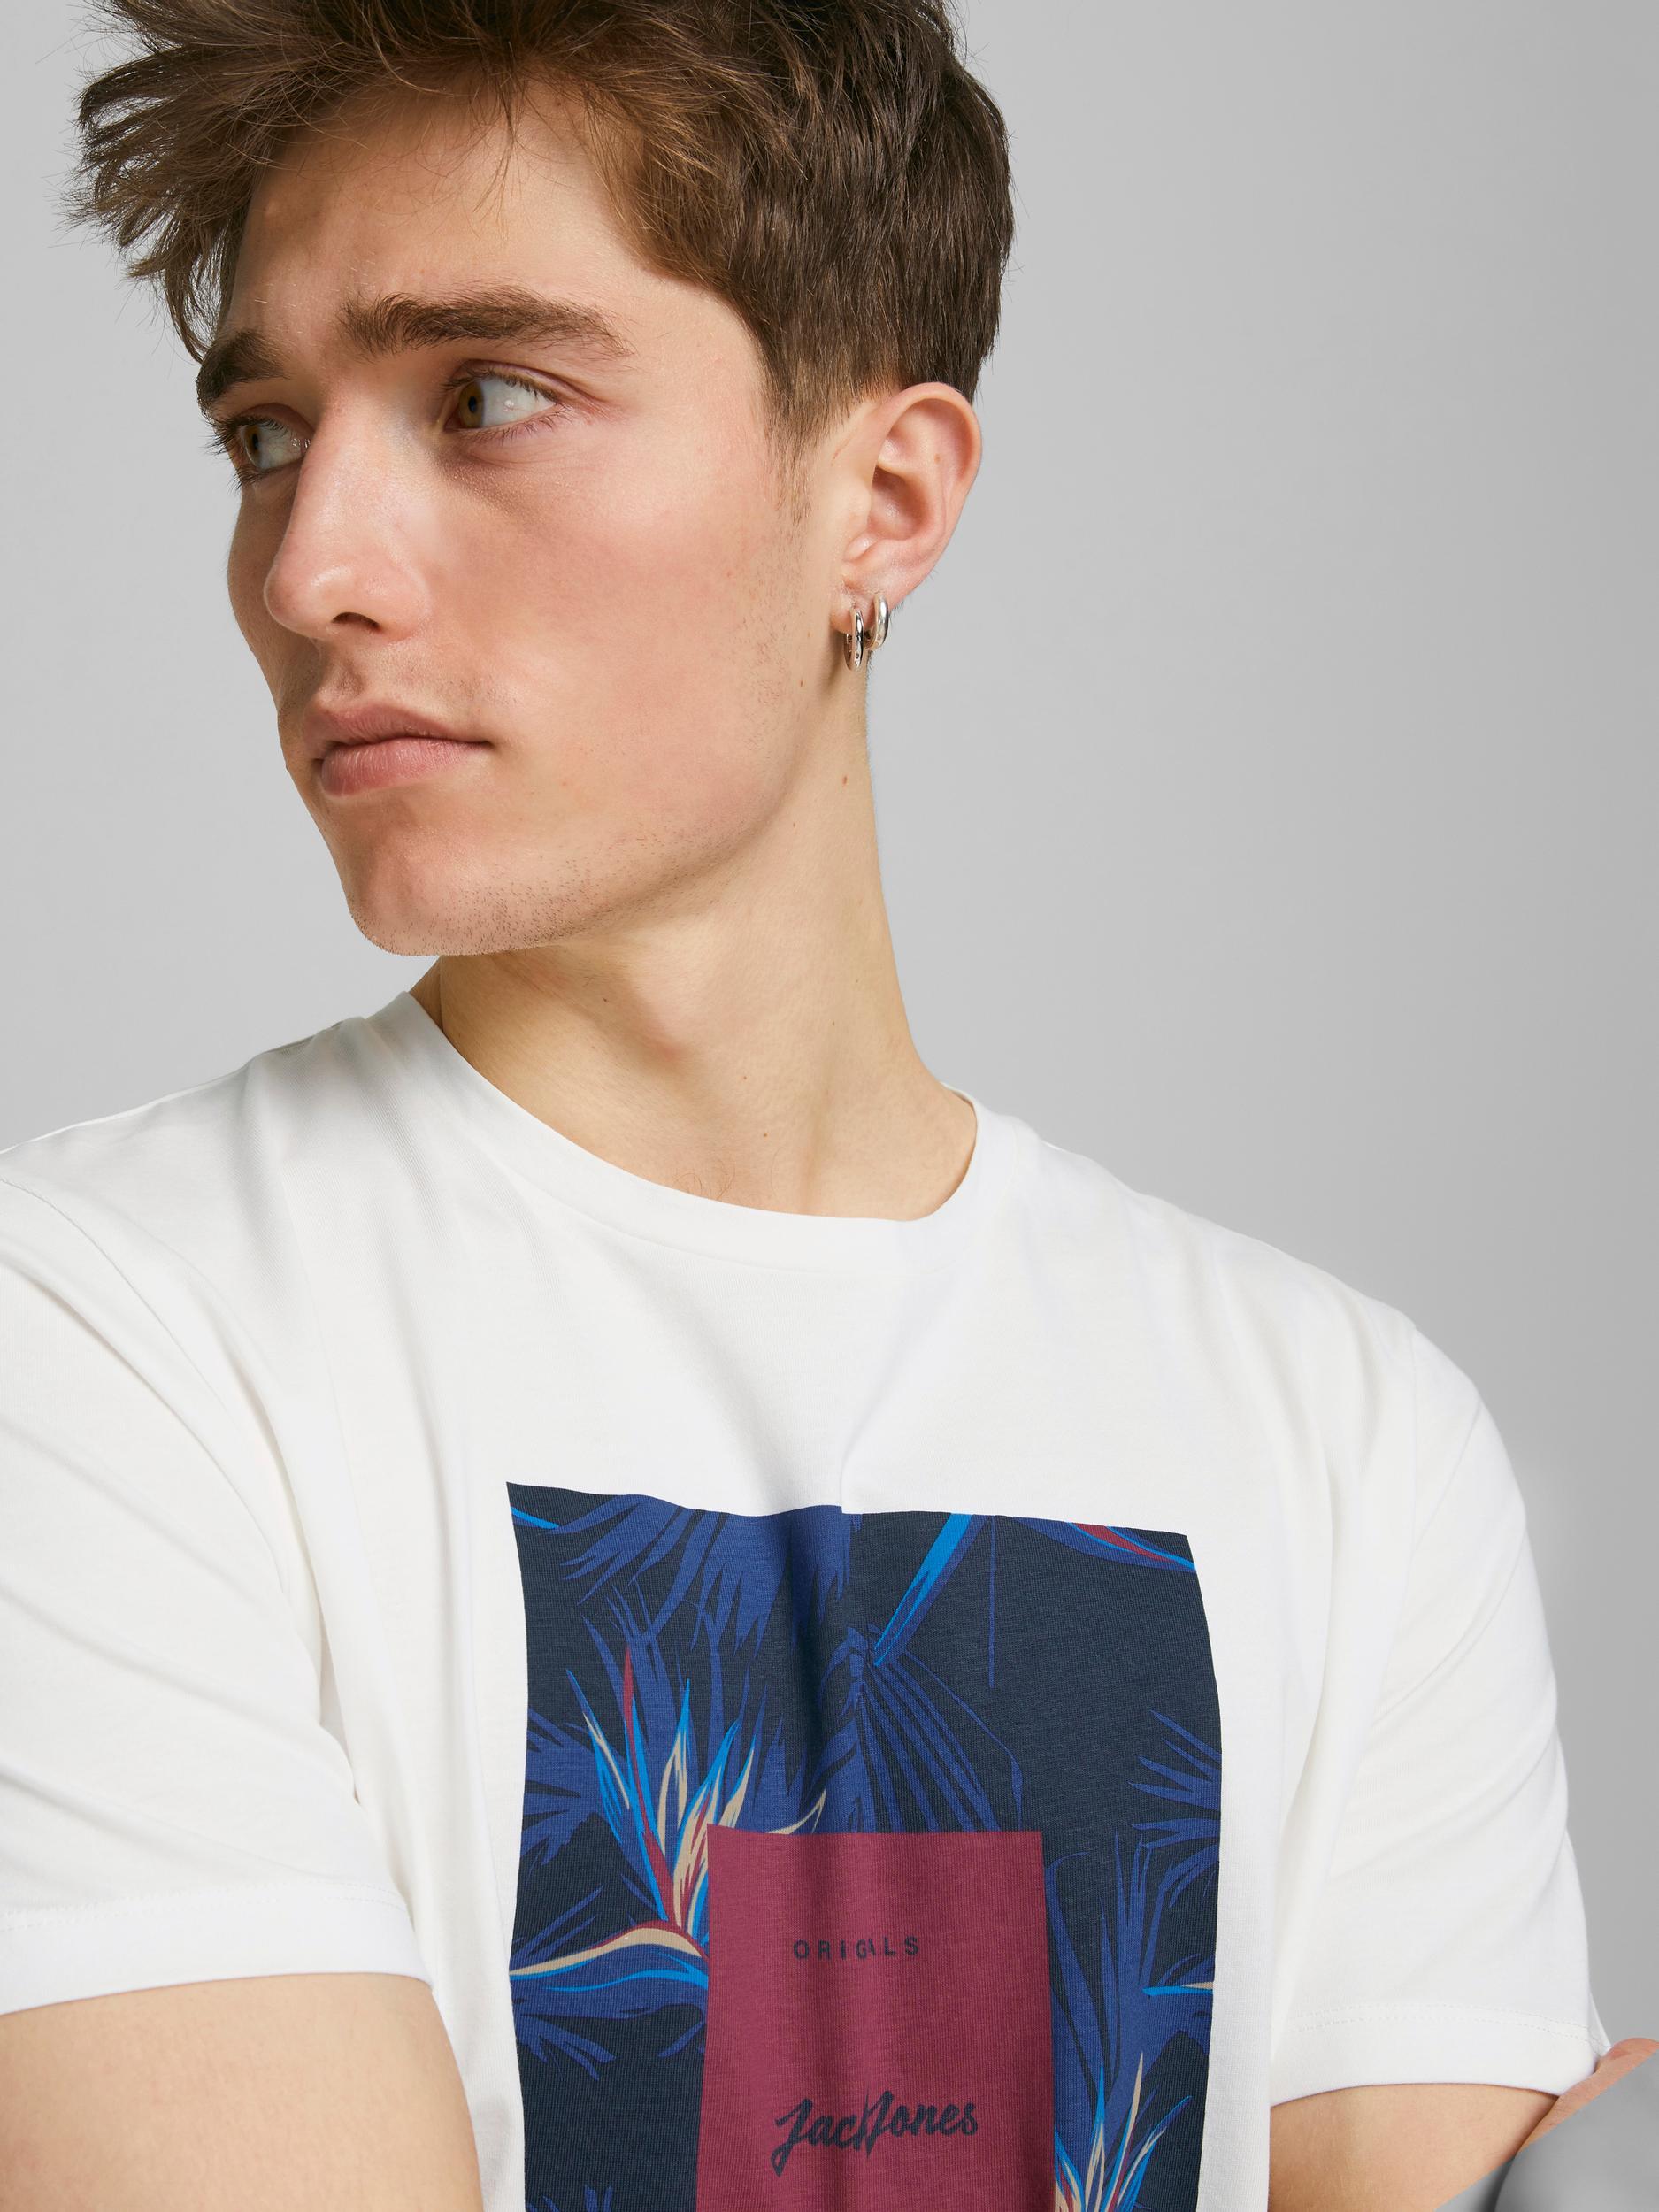 Jorflorall Print T-shirt JACK&JONES   T-shirt   12186330CLOUD DANCER